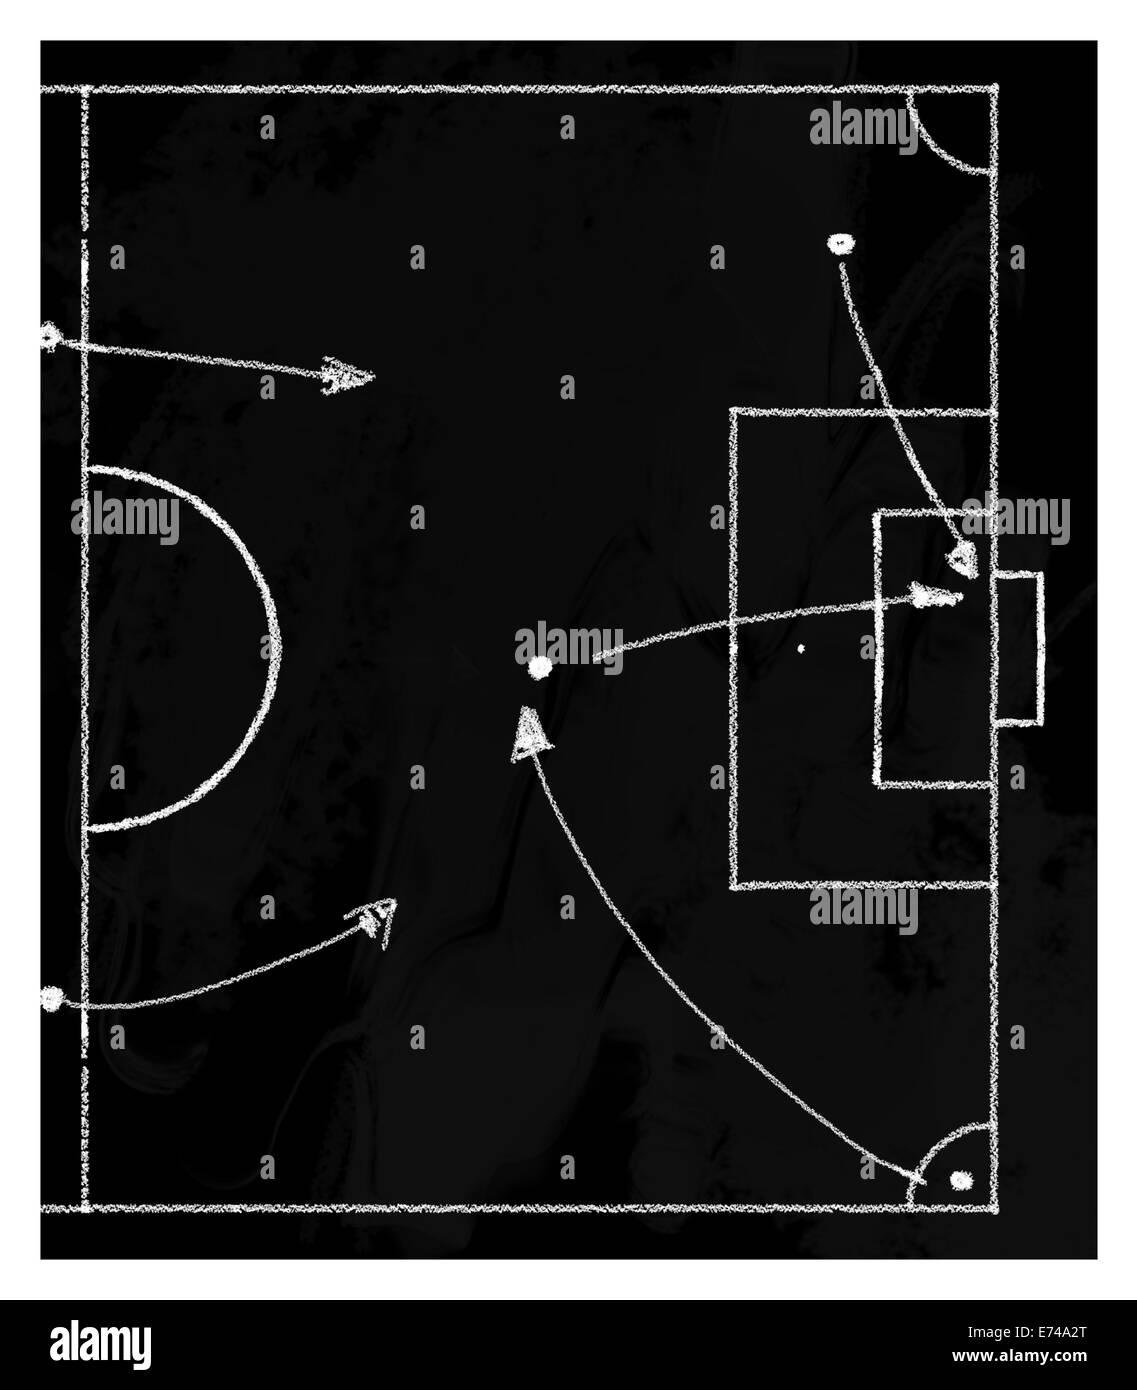 Croquis de tactiques de football sur tableau noir Photo Stock